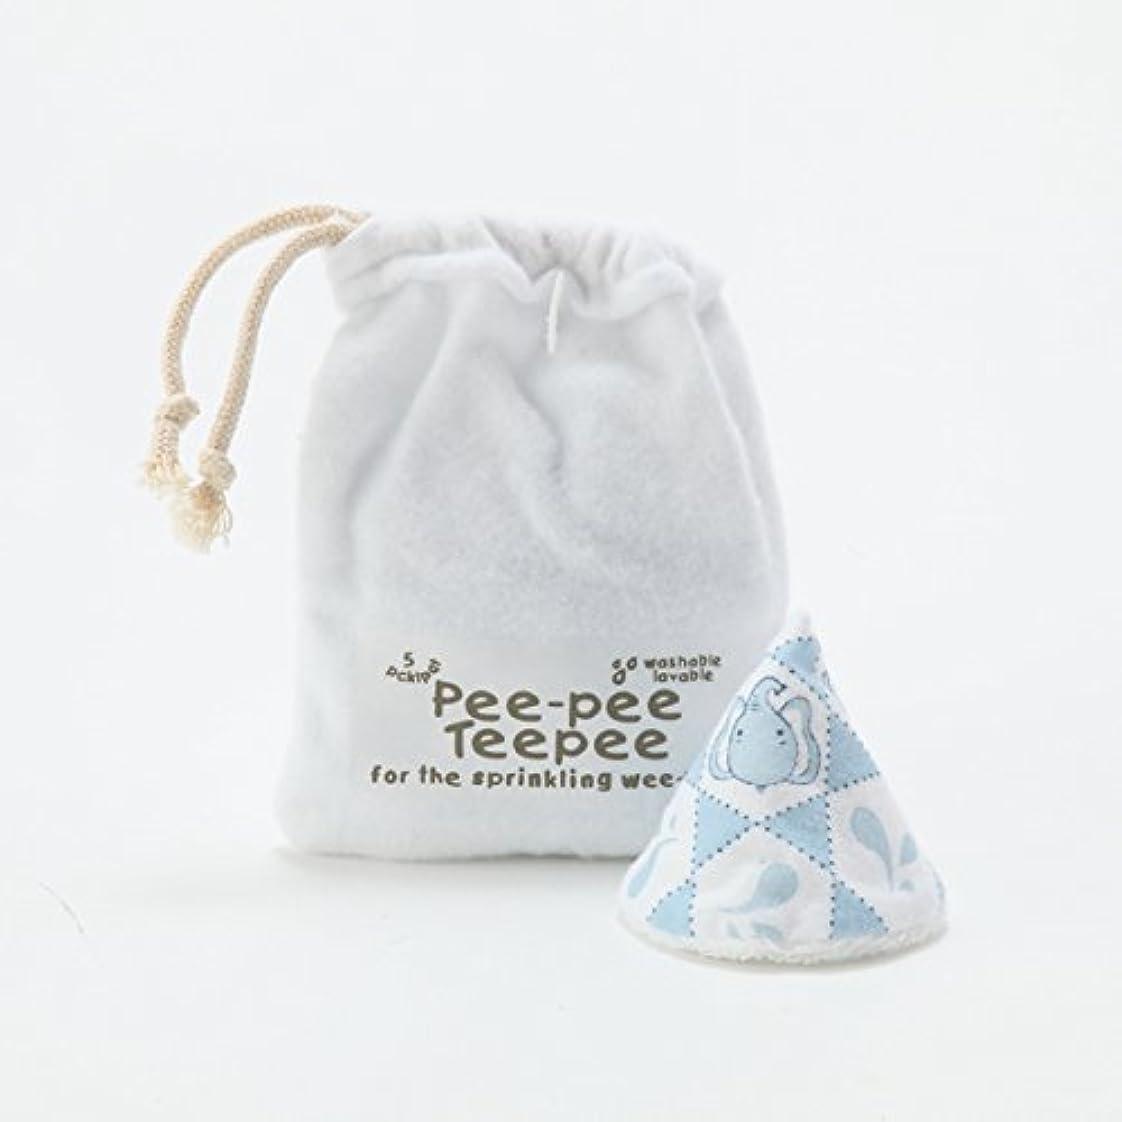 葉っぱを必要としています地質学ビバビーン/Beba Bean Teepee Laundry Bag ティピー ランドリーバッグ (:、種類:ゾウ) [並行輸入品]